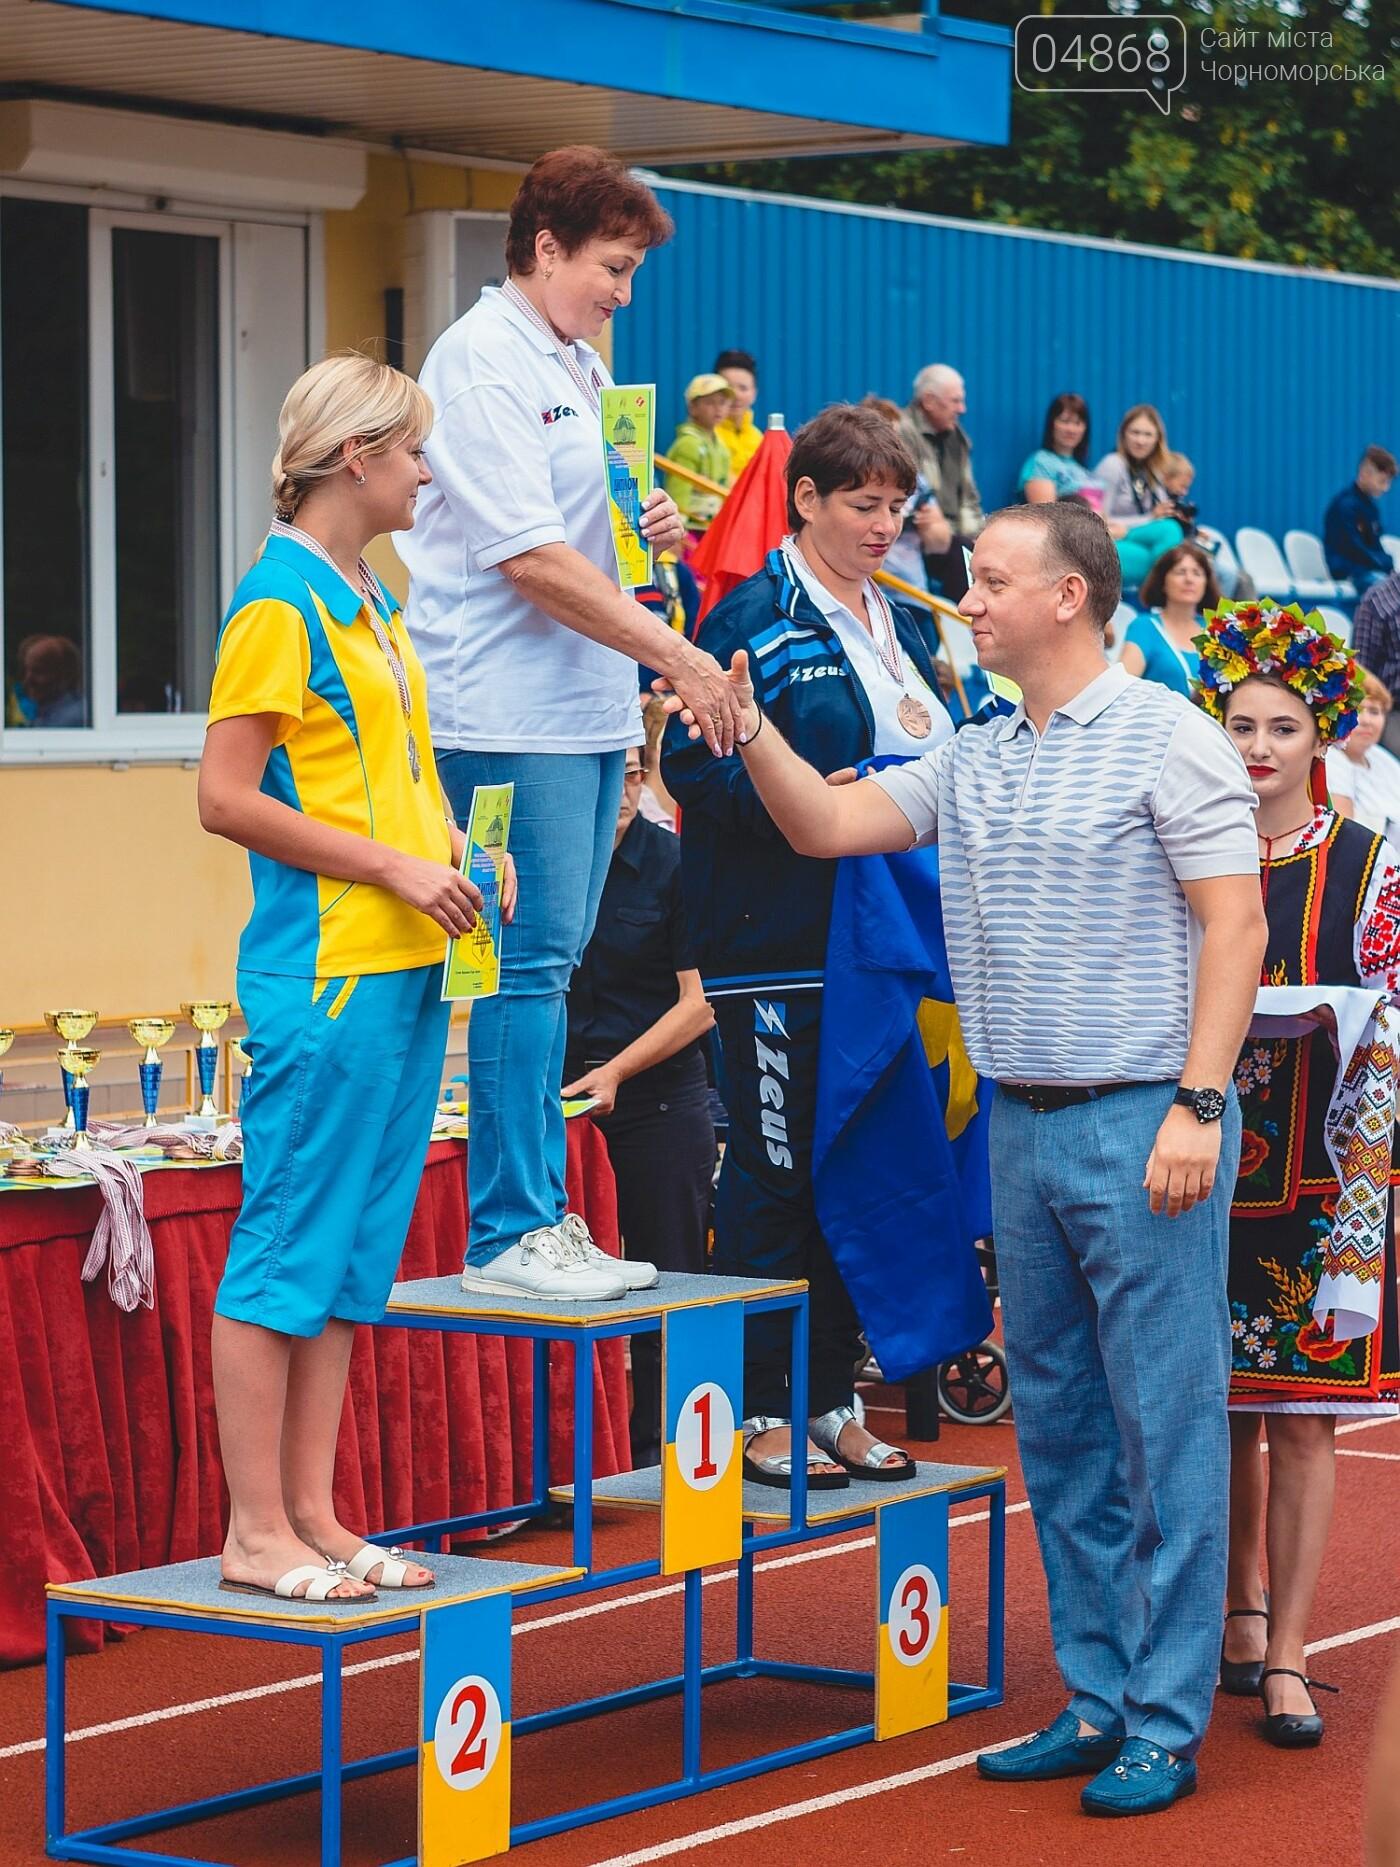 В Черноморске завершилась VII Всеукраинская спартакиада среди депутатов, фото-13